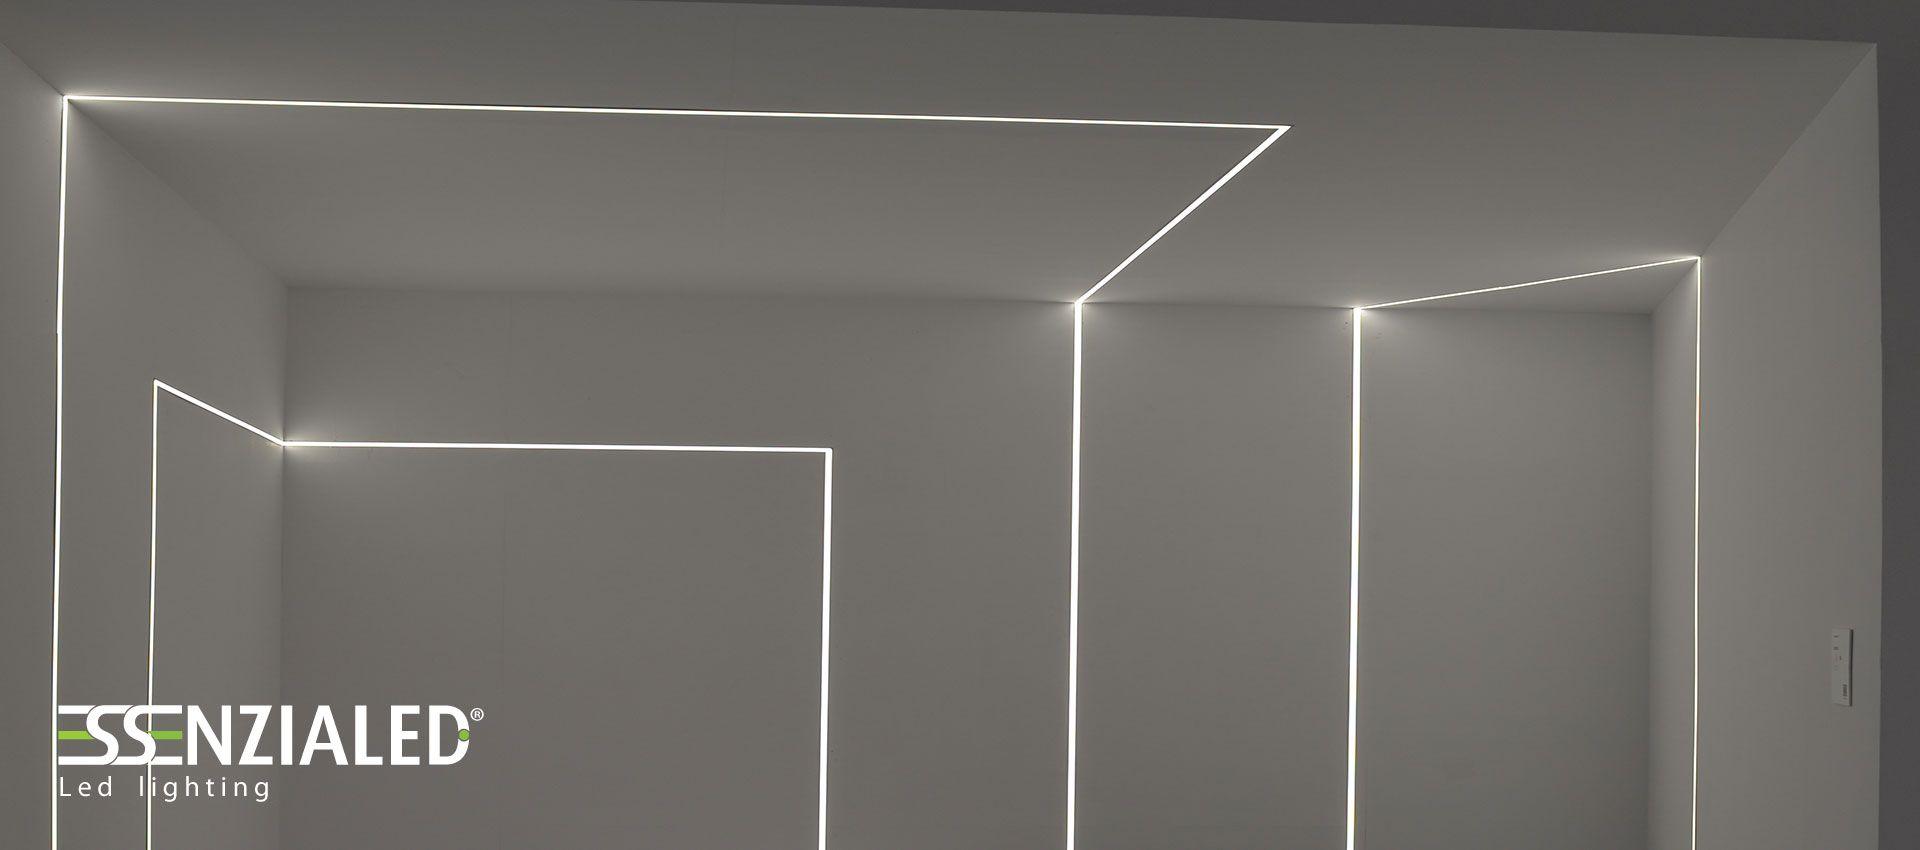 Tagli di luce sulle pareti | Illuminazione led ...